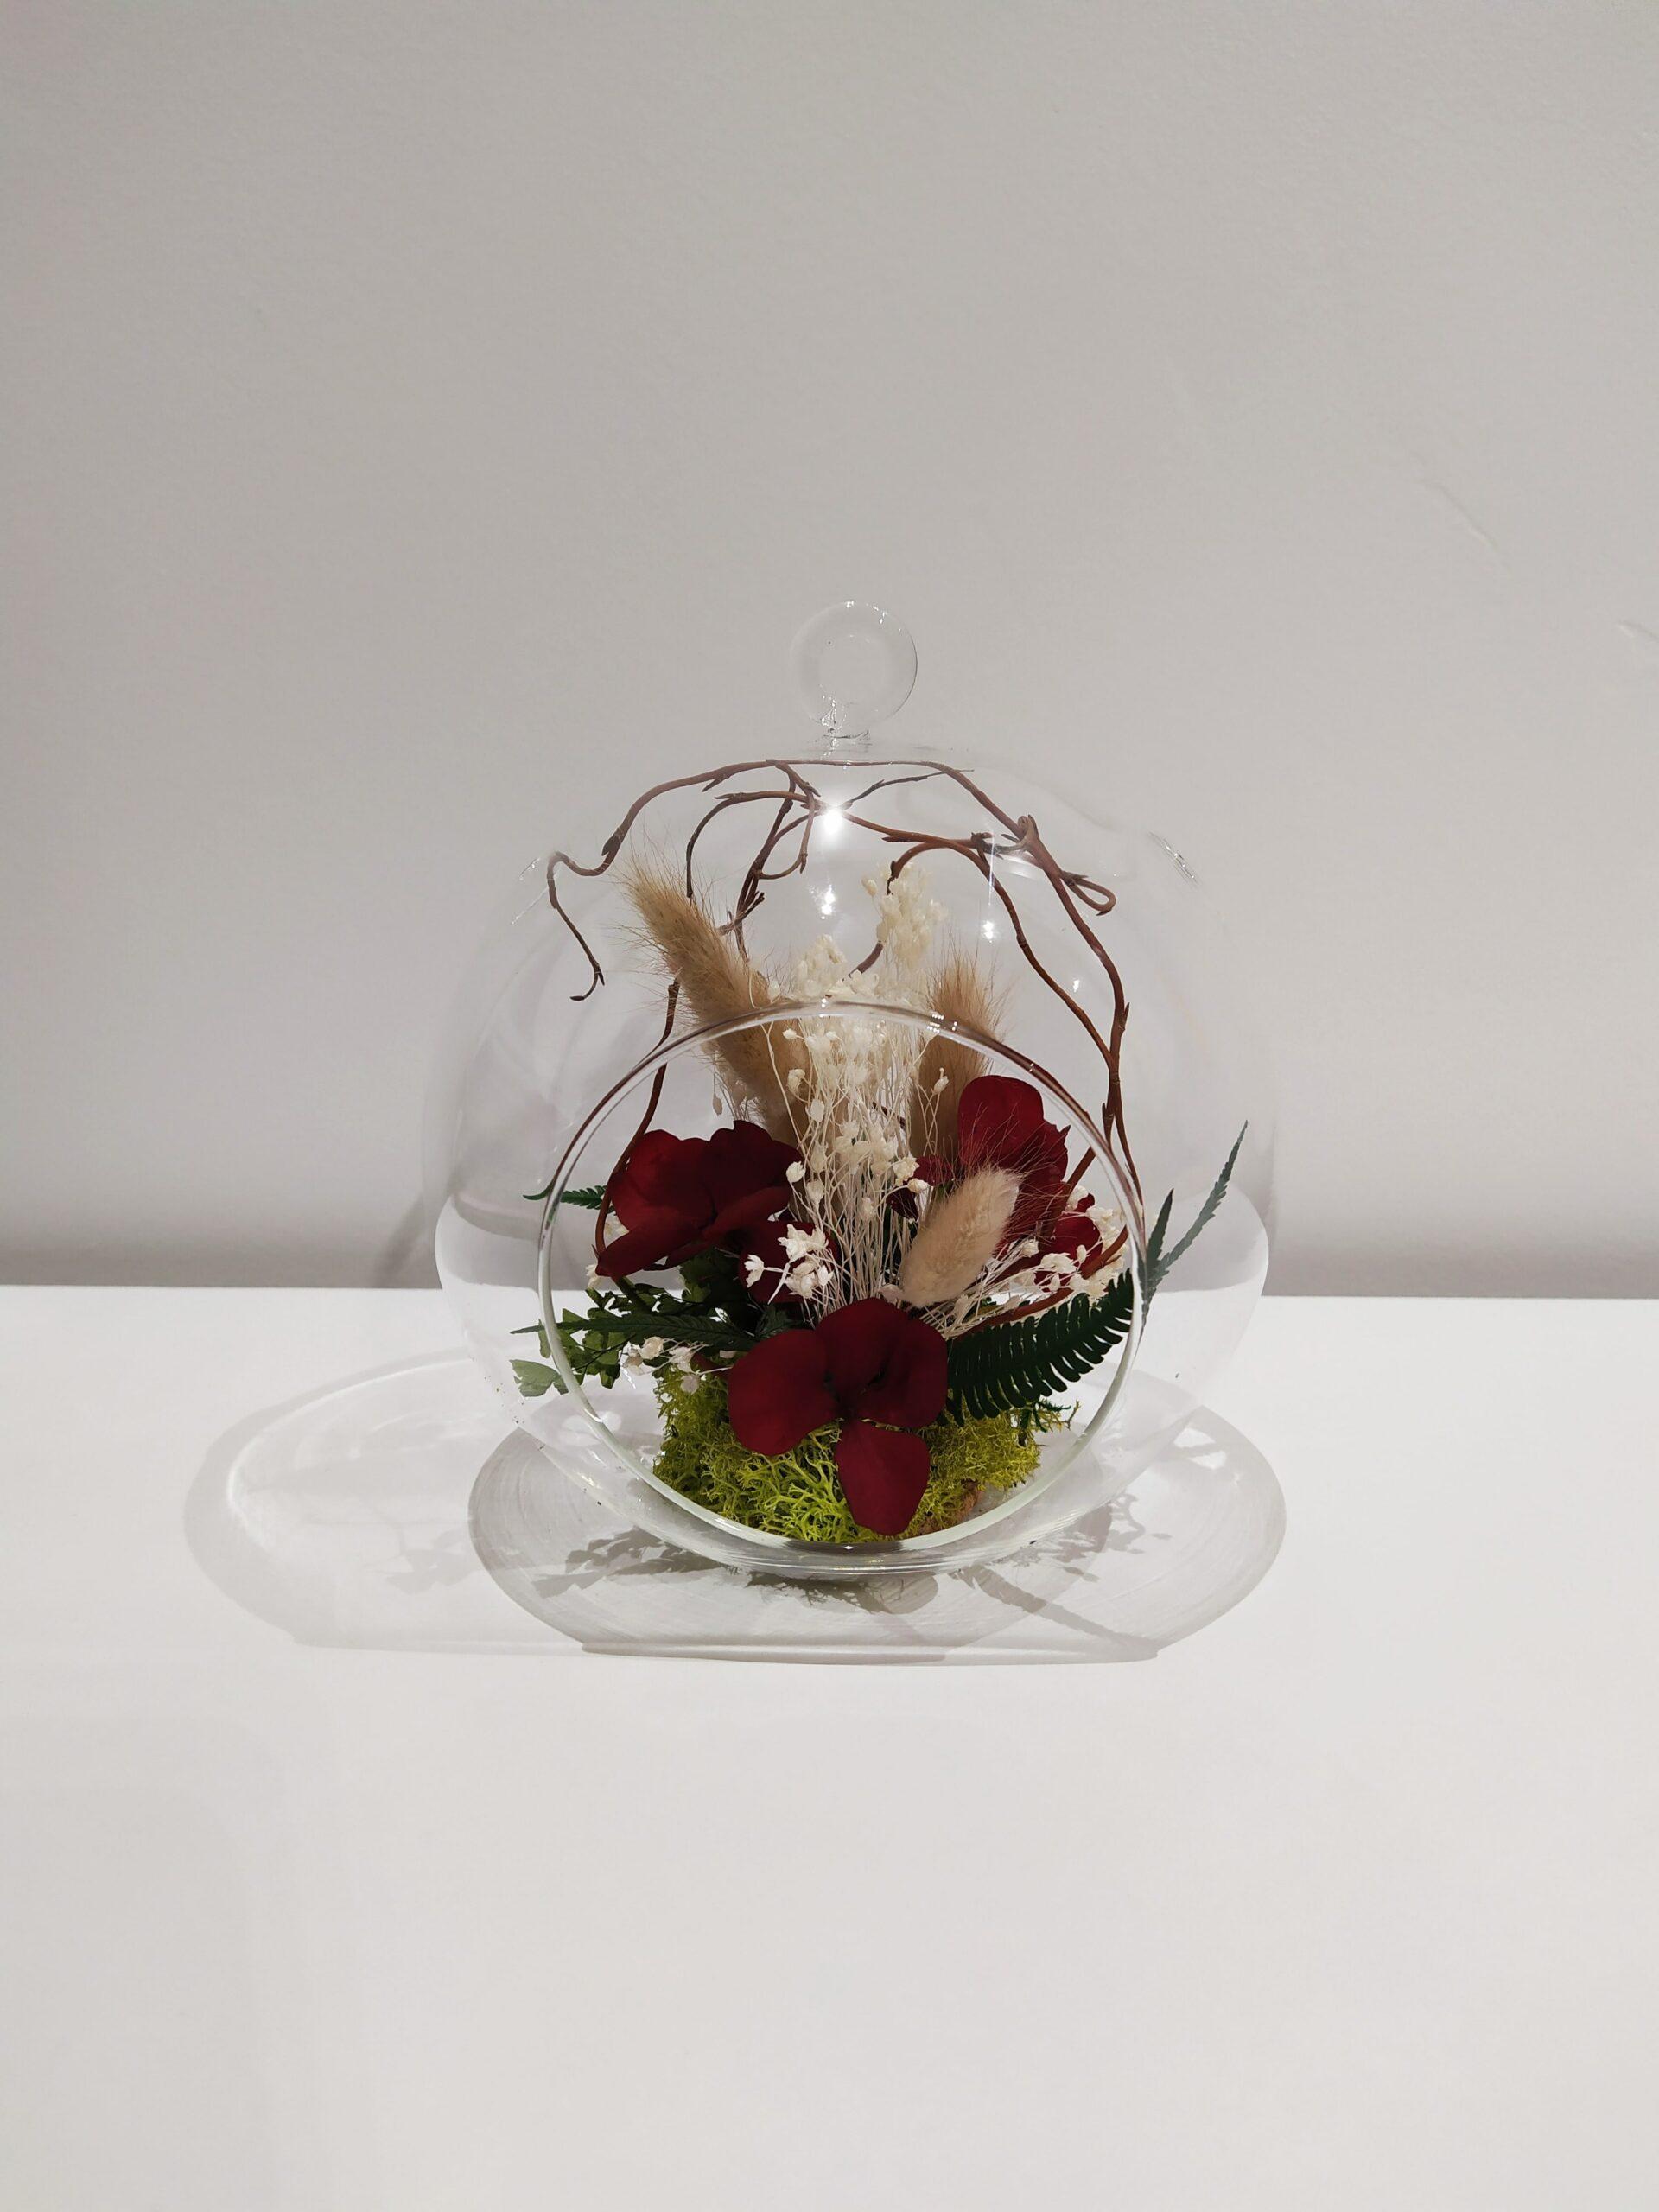 boule fleurie-réf.140